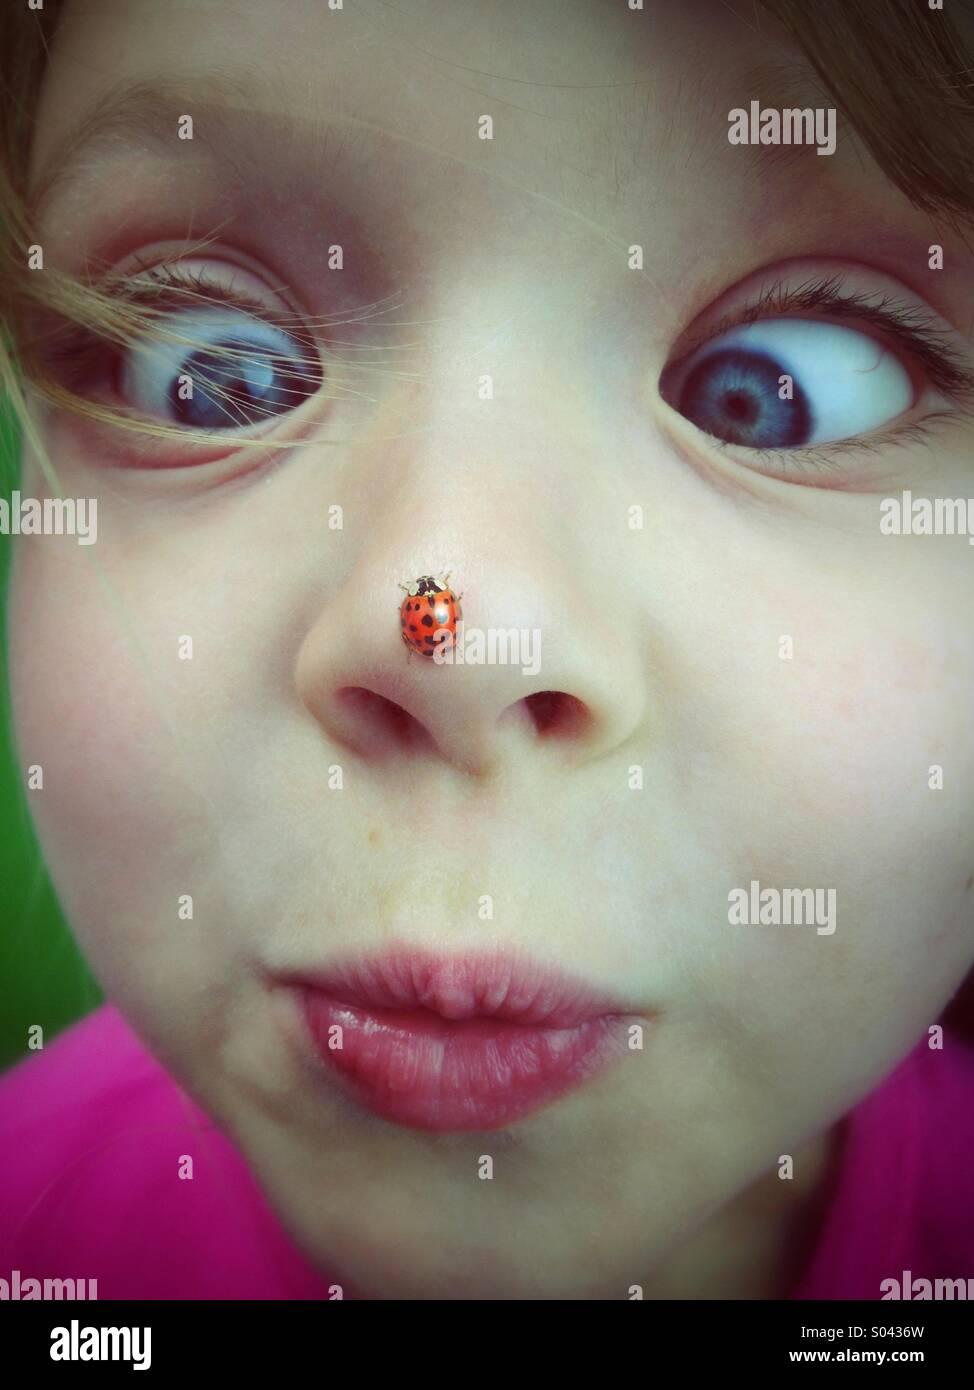 Niña con mariquita en la nariz Imagen De Stock